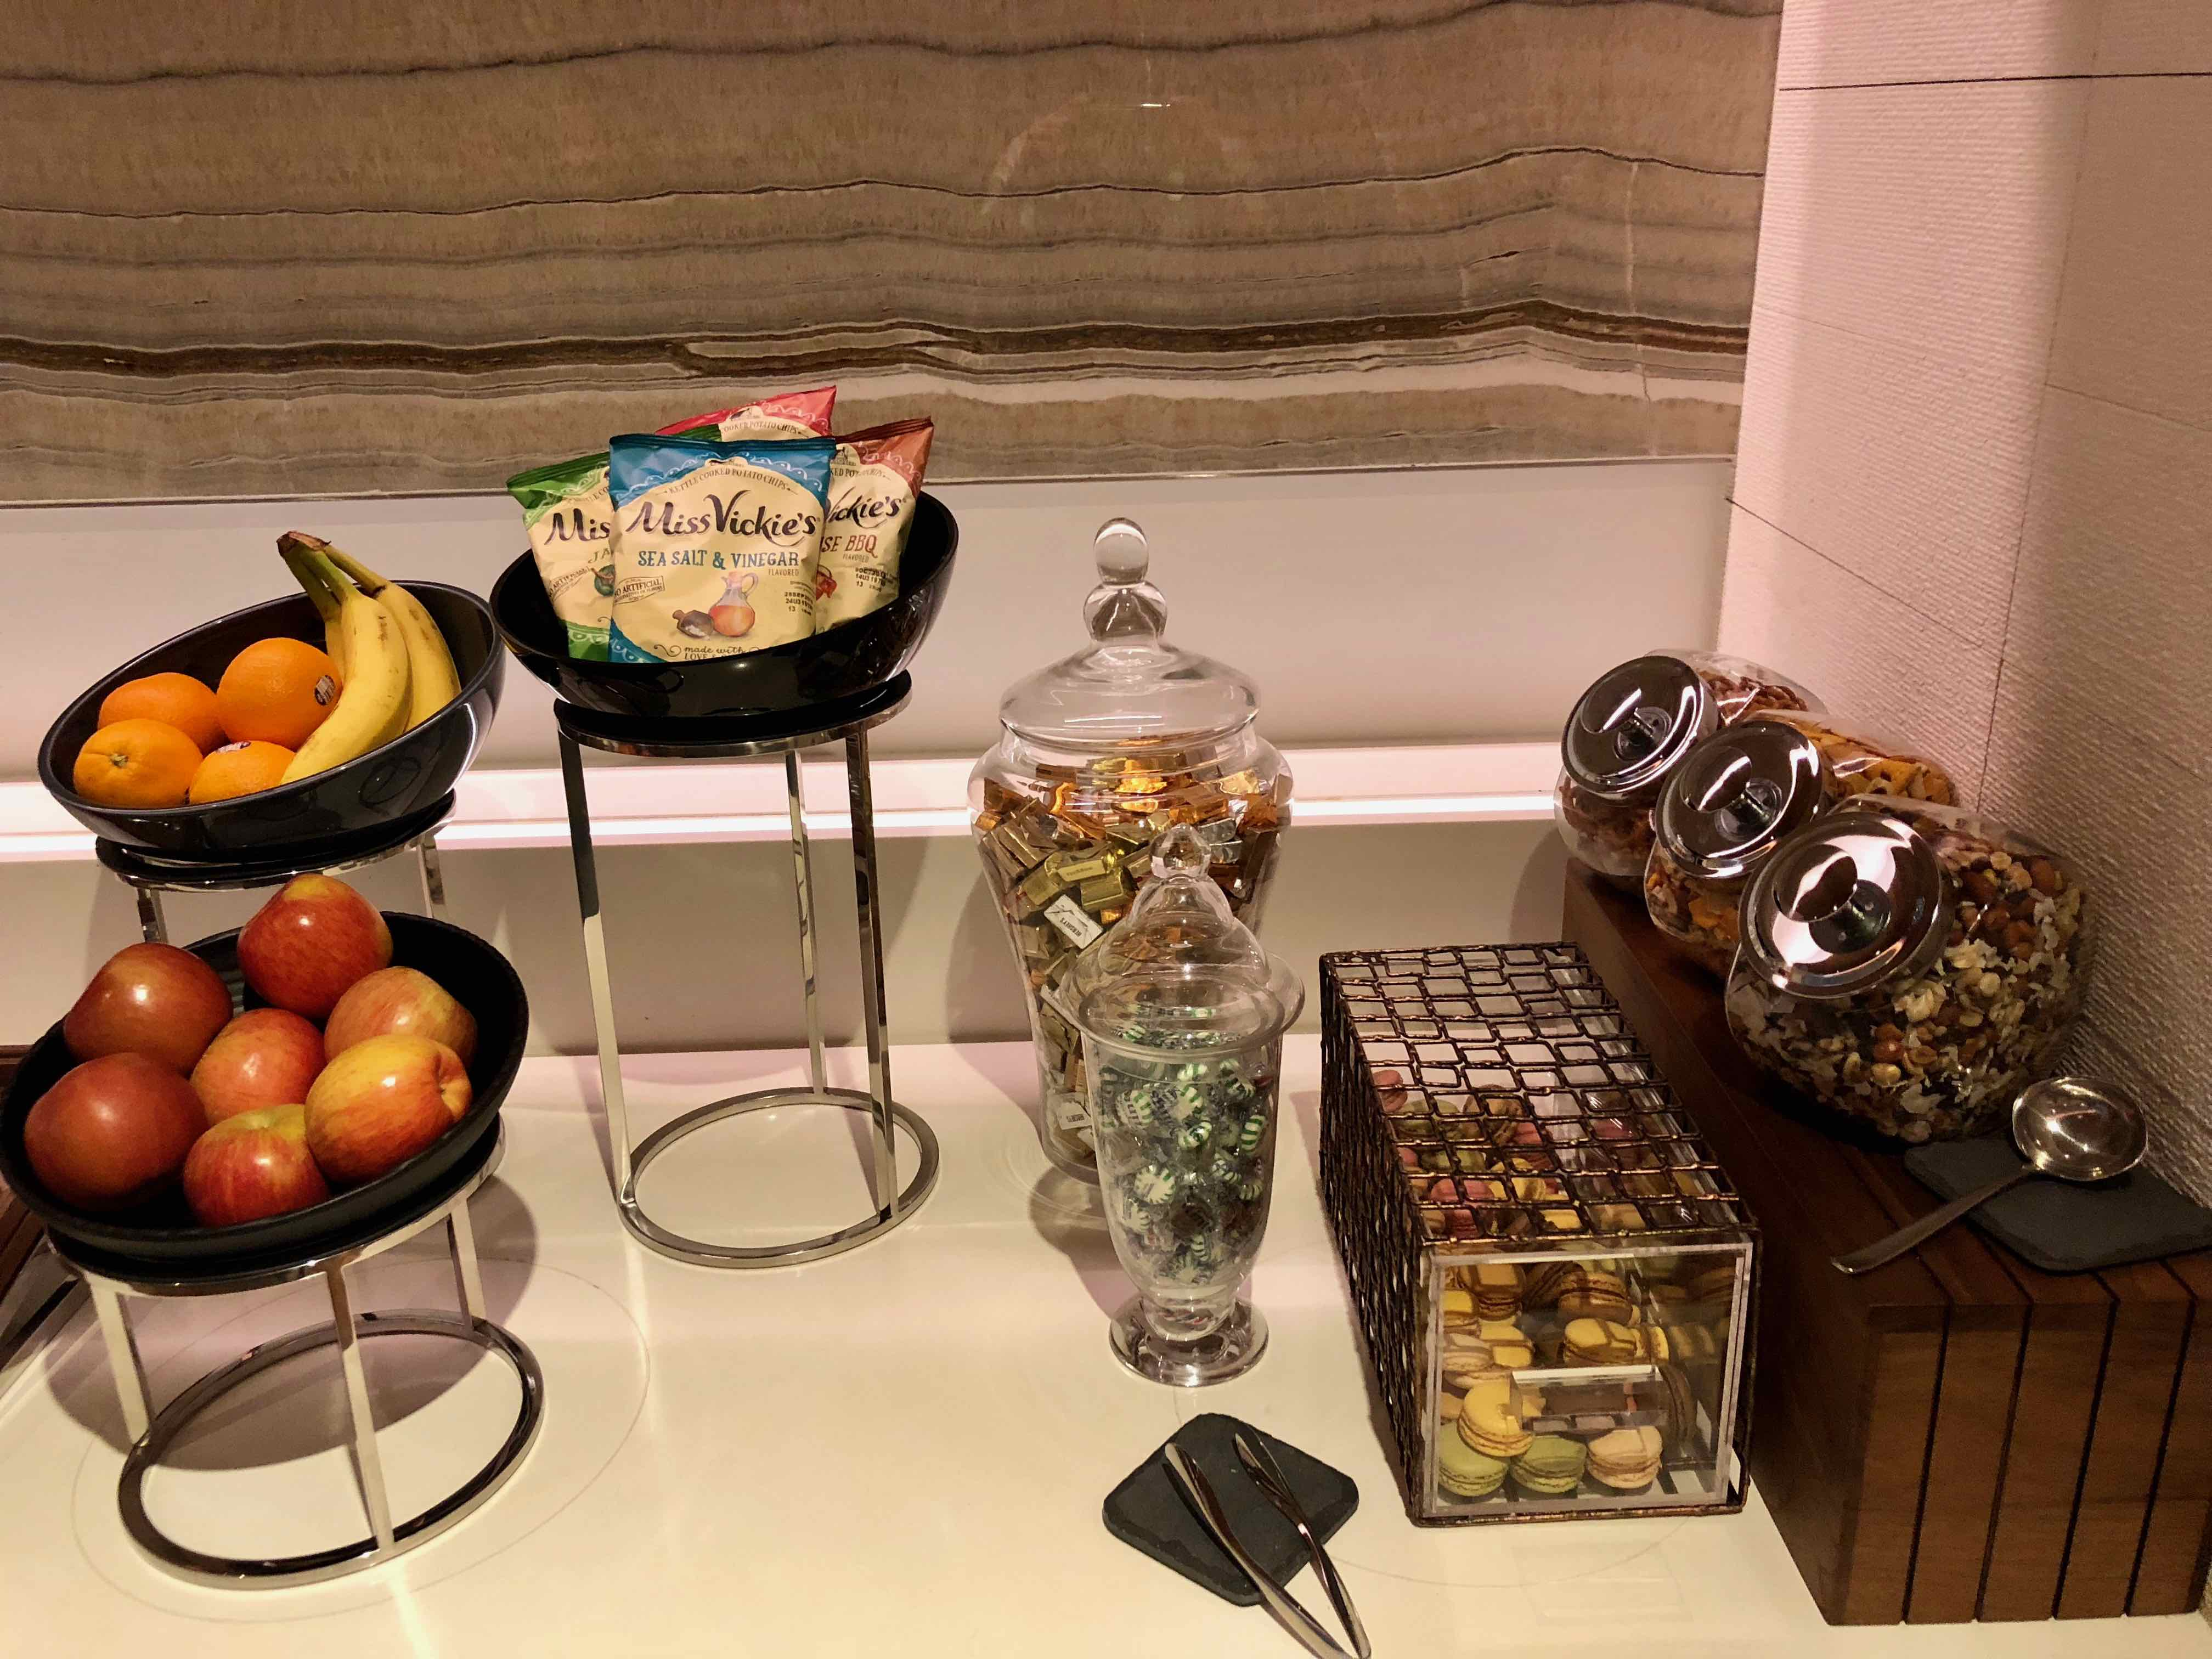 Star Alliance First Class LAX Lounge buffet food